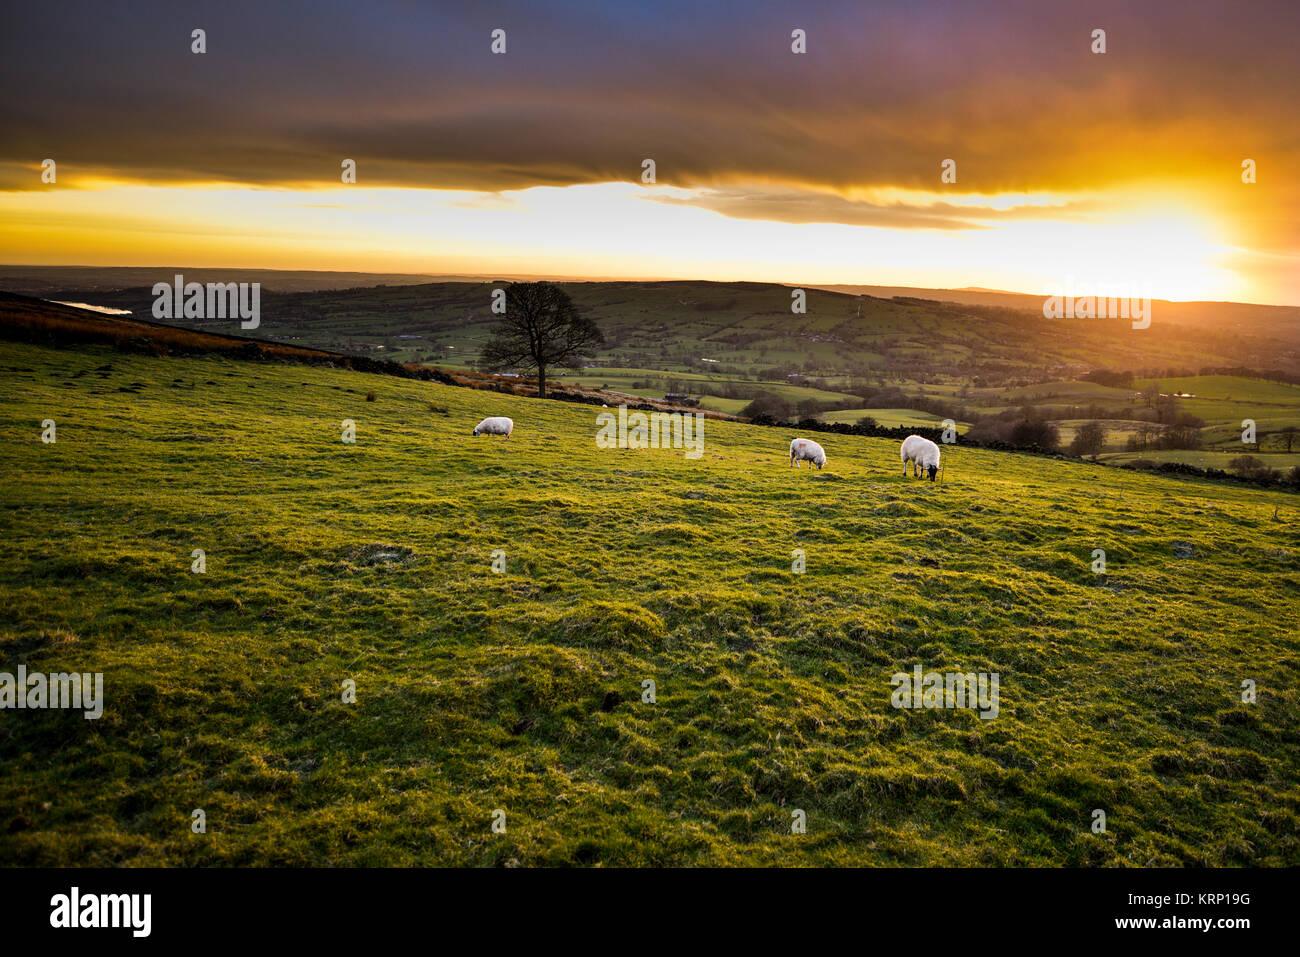 Ovejas pastando al atardecer, con Tittiesworth Depósito en la distancia, las cucarachas / Gallina nube paisaje, Imagen De Stock